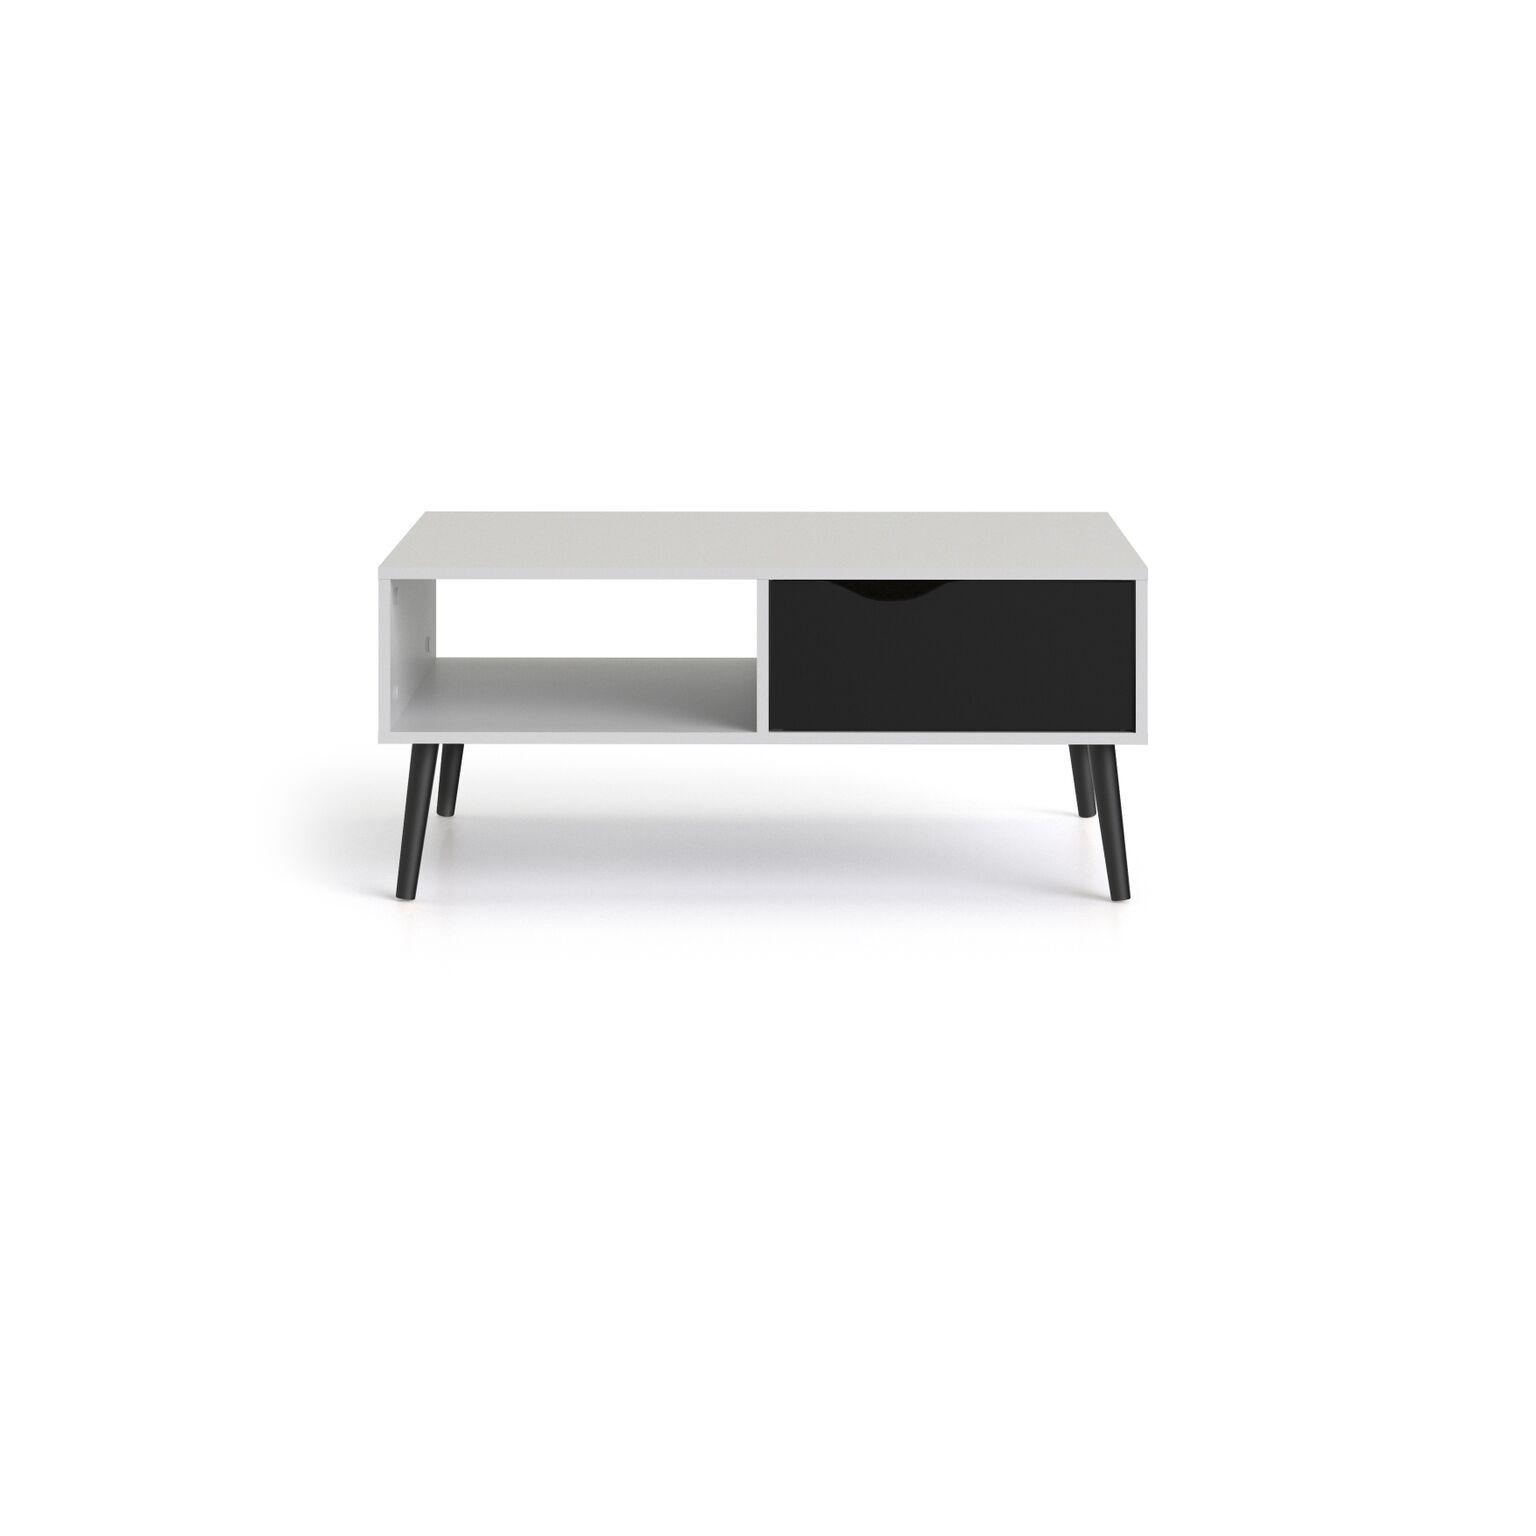 Couchtisch NAPOLI Wohnzimmertisch Beistelltisch Tisch Wohnzimmer schwarz/weiß Möbel & Wohnen ...